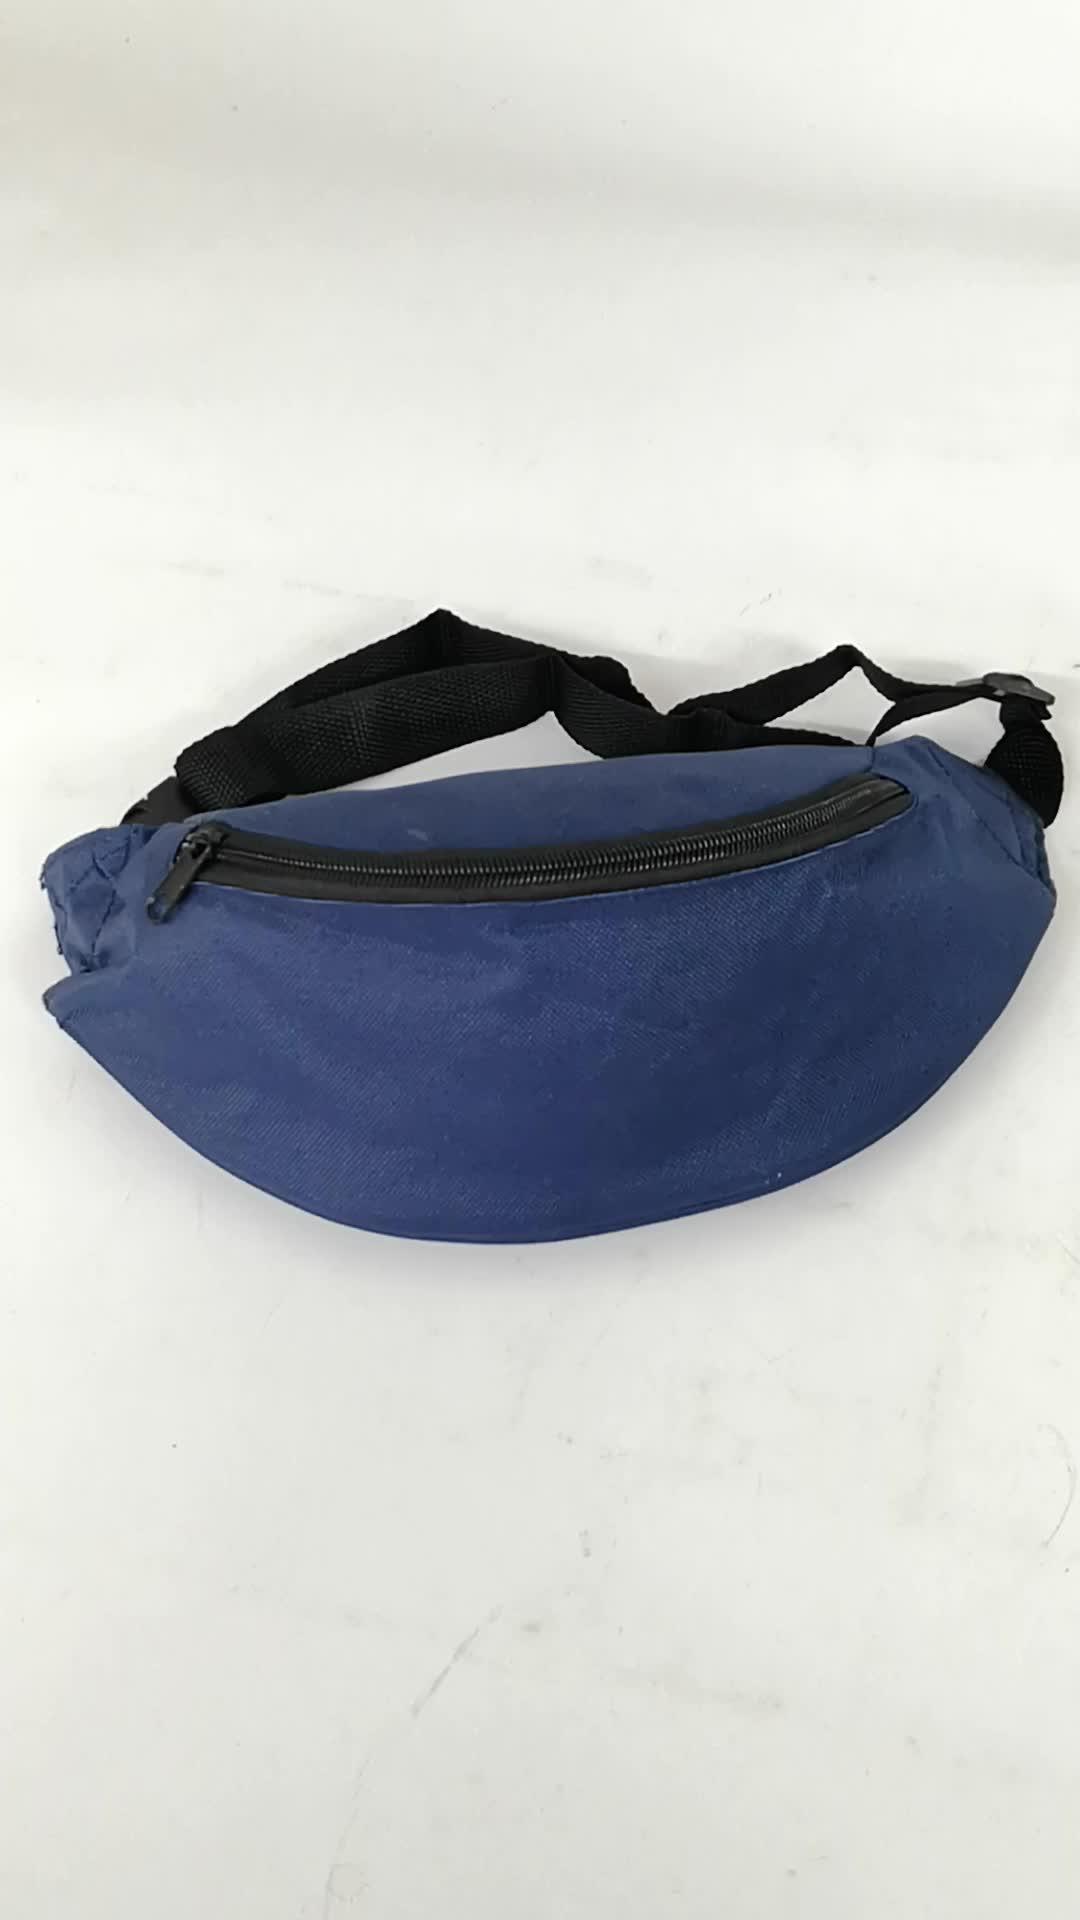 Handy Women's Men's Waterproof Travel Sports Wallet Passport Pack Belt Zip Pouch Unisex Running Bum Waist Bag